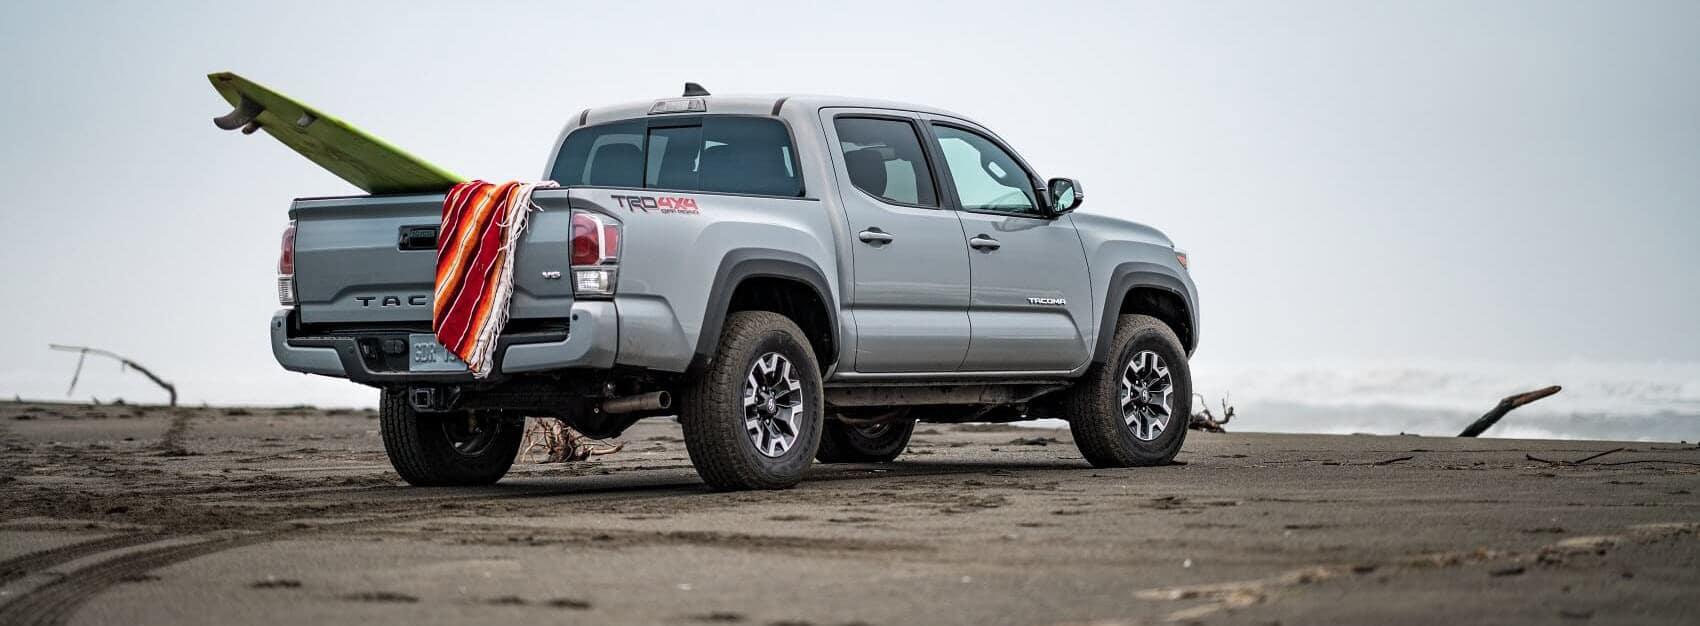 Toyota Tacoma Payload Capacity